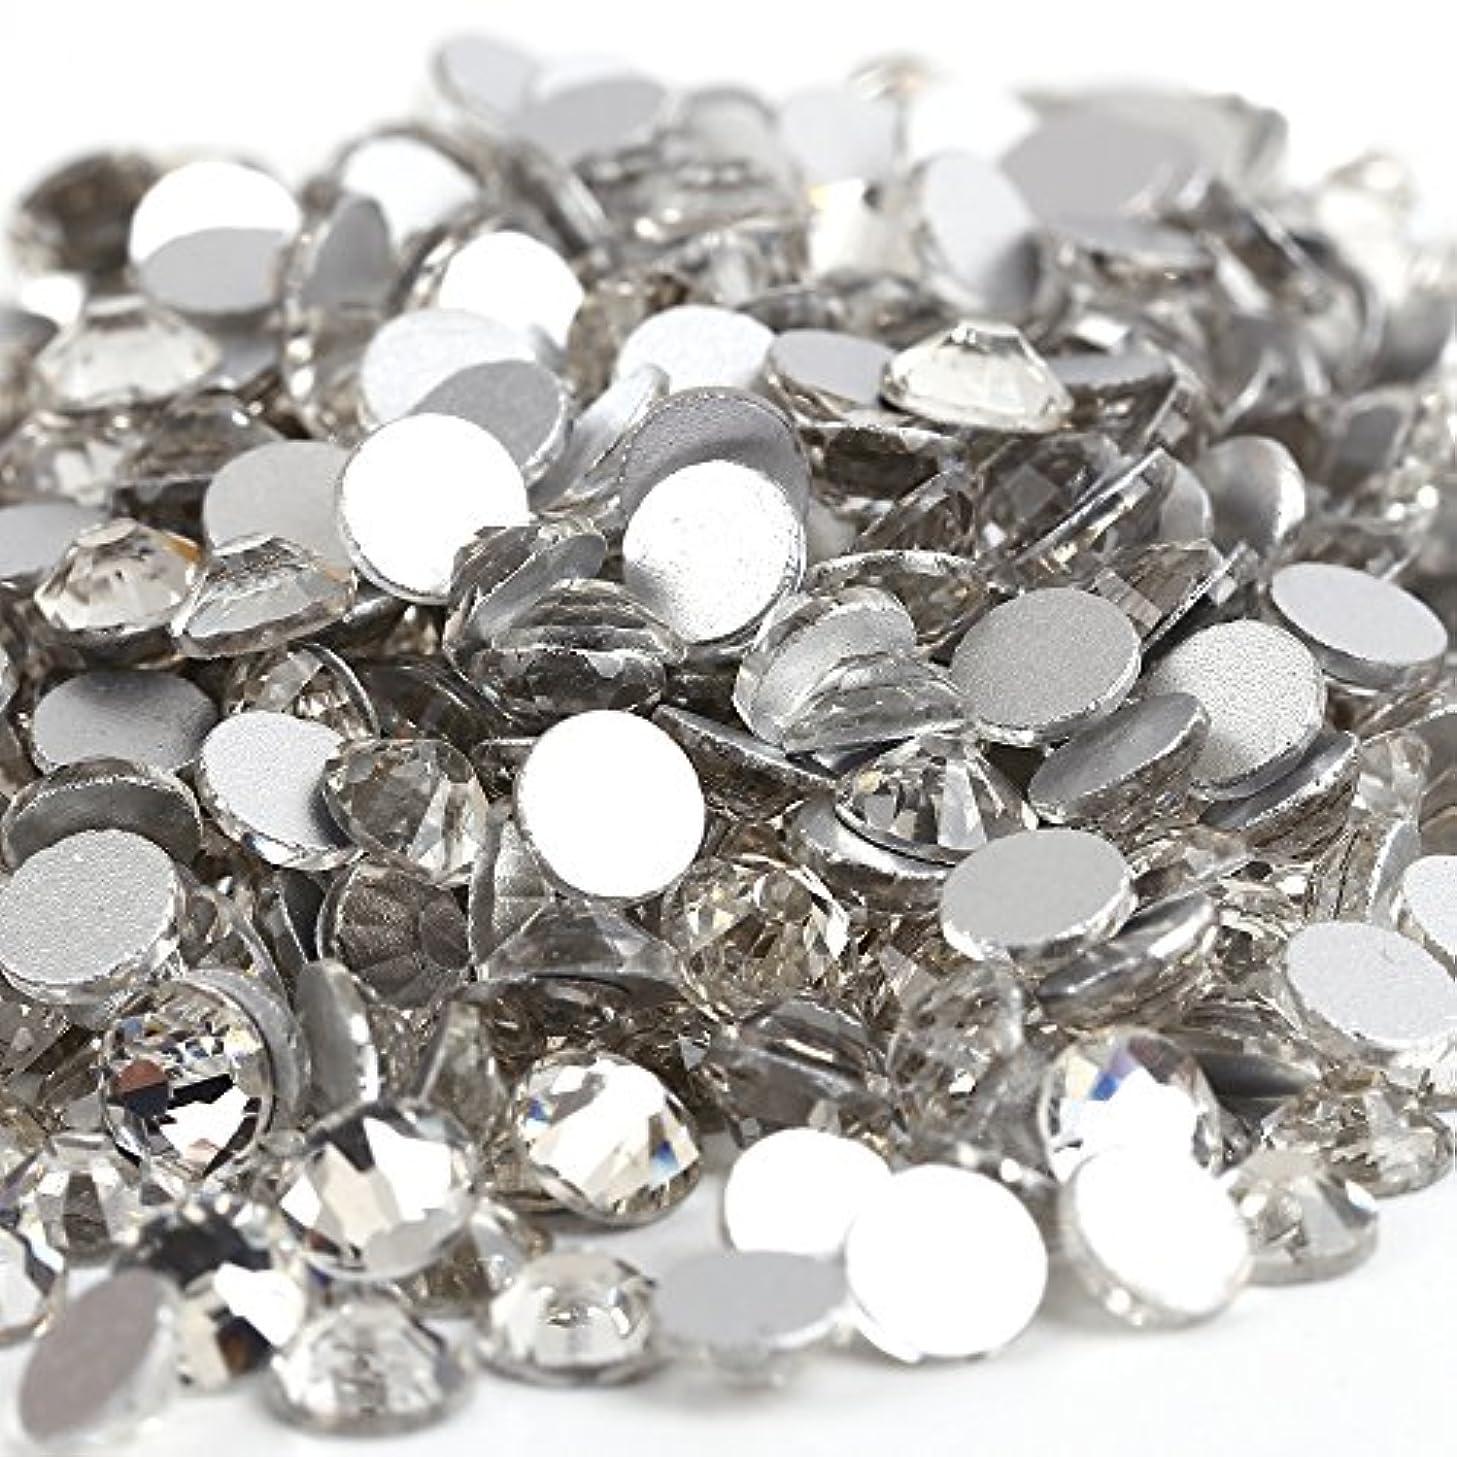 ベル一眠いですガラス製ラインストーン 1440粒 ネイル デコ クリスタル (3.0mm (SS12) 約1440粒) [並行輸入品]